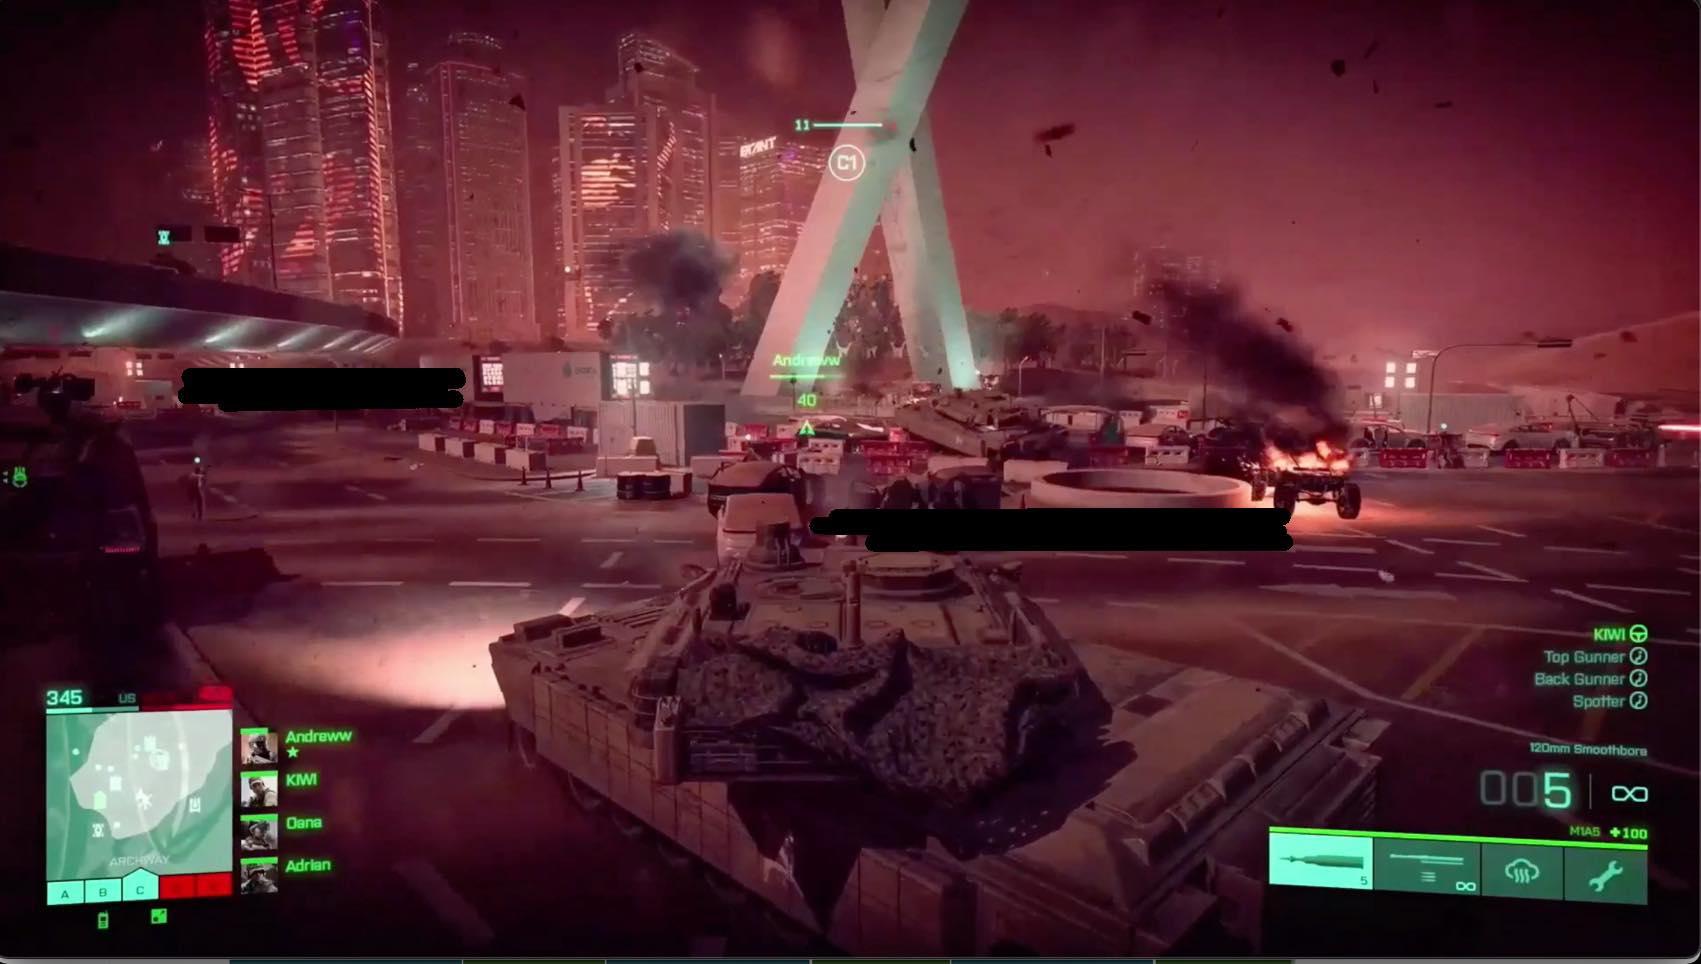 Слухи: новая Battlefield будет называться Battlefield 2042 и предложит самые большие карты в серии